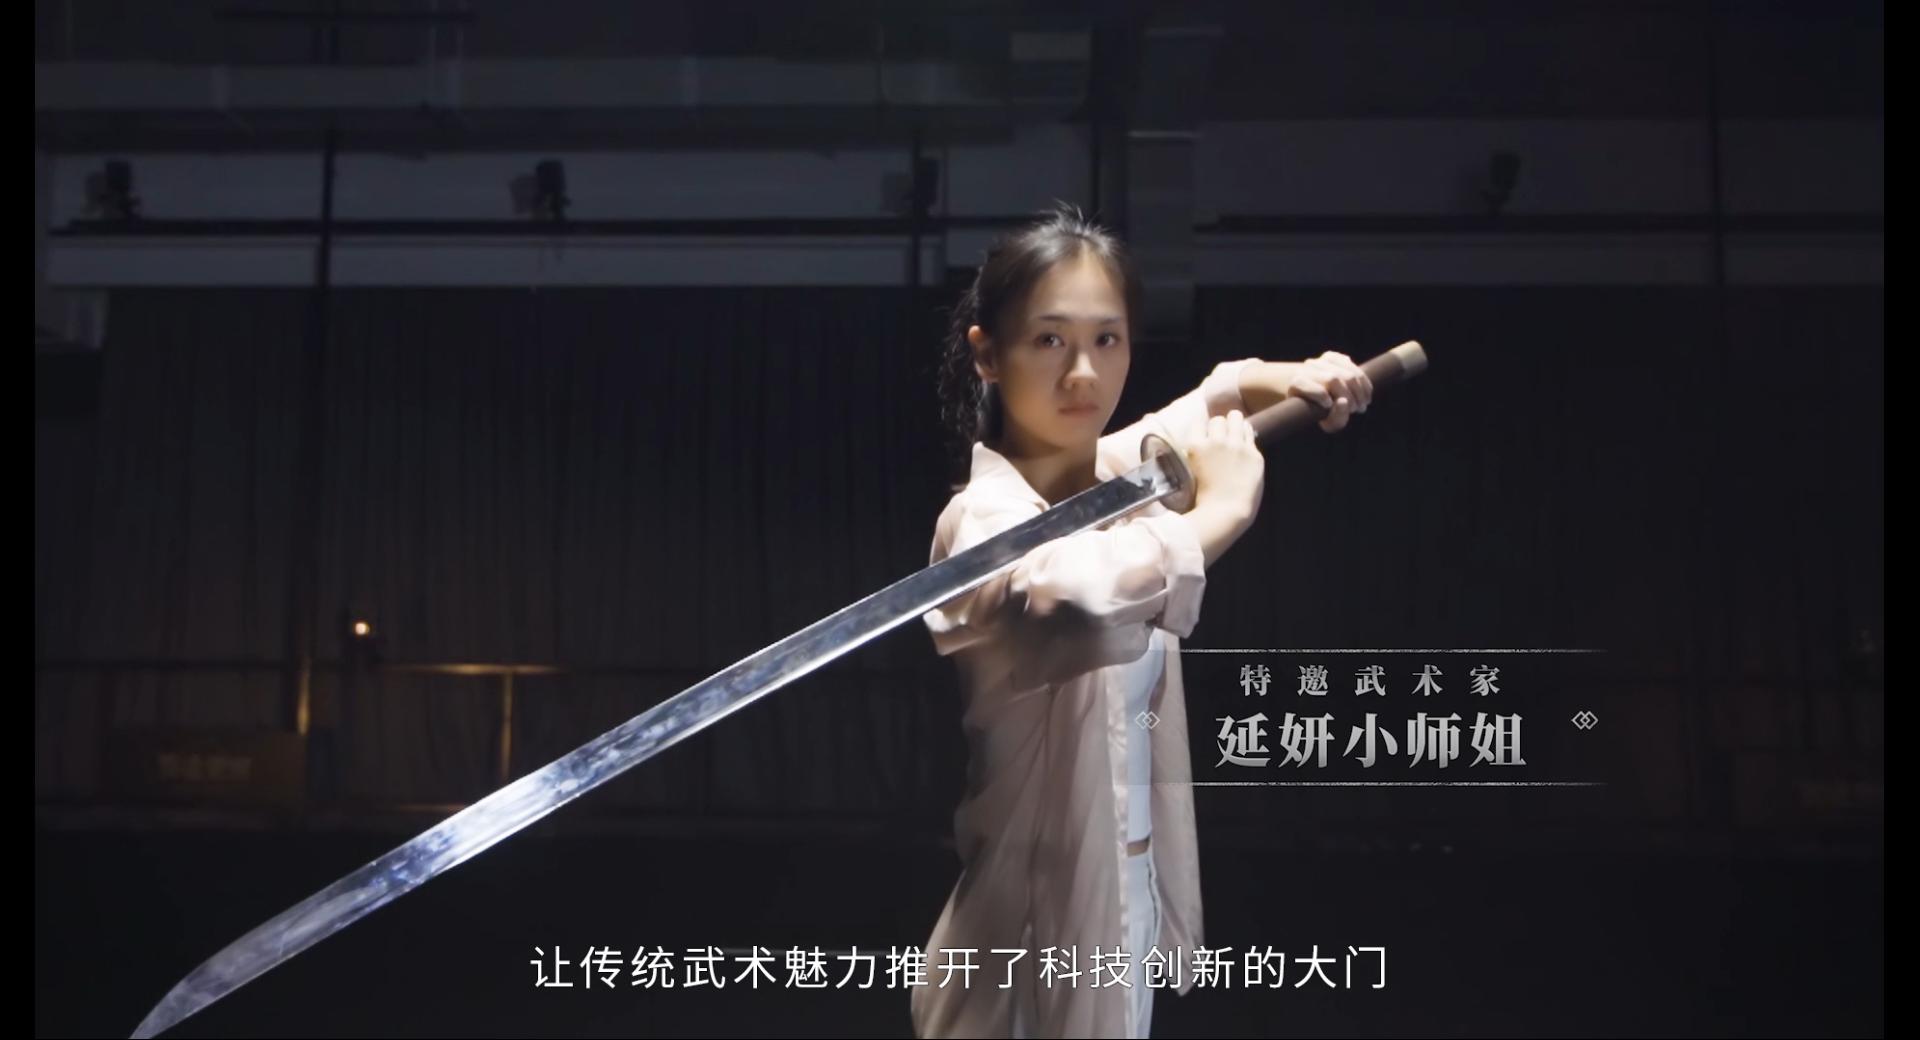 延妍小师姐VS九龄又飒又美 《猎魂觉醒》诠释影